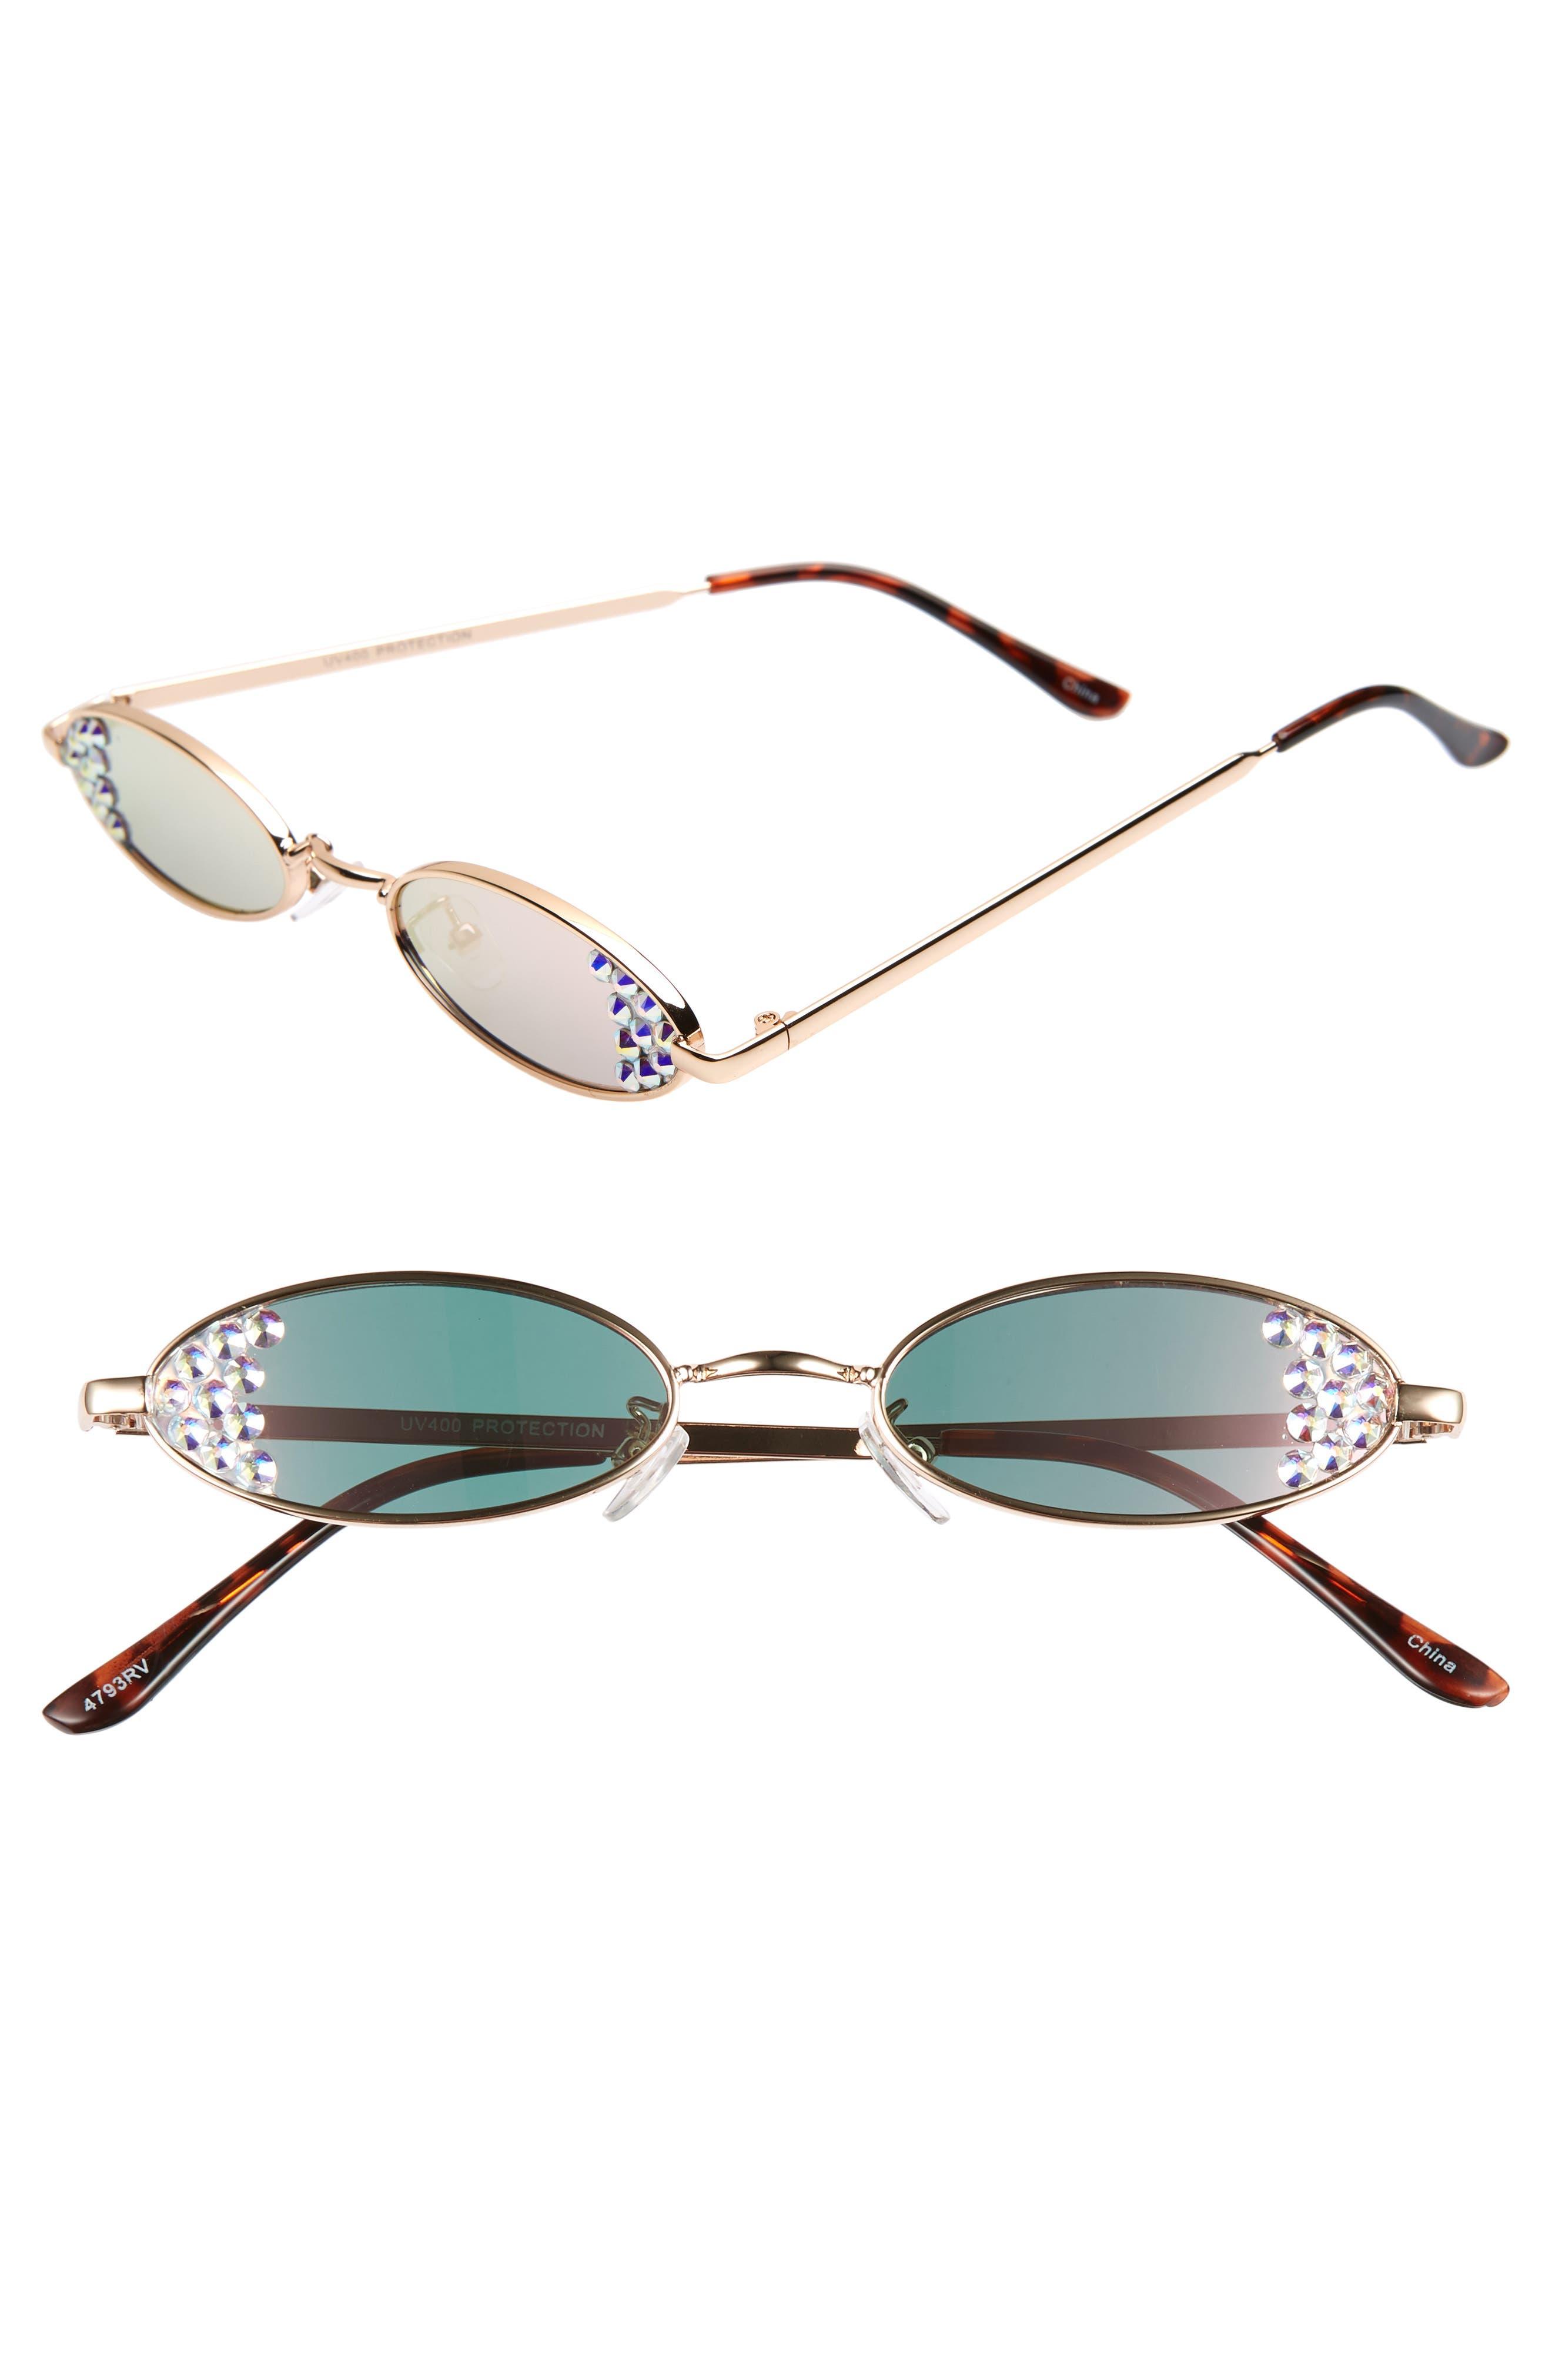 Rad + Refined Mini Oval Crystal Sunglasses - Gold/ Crystal